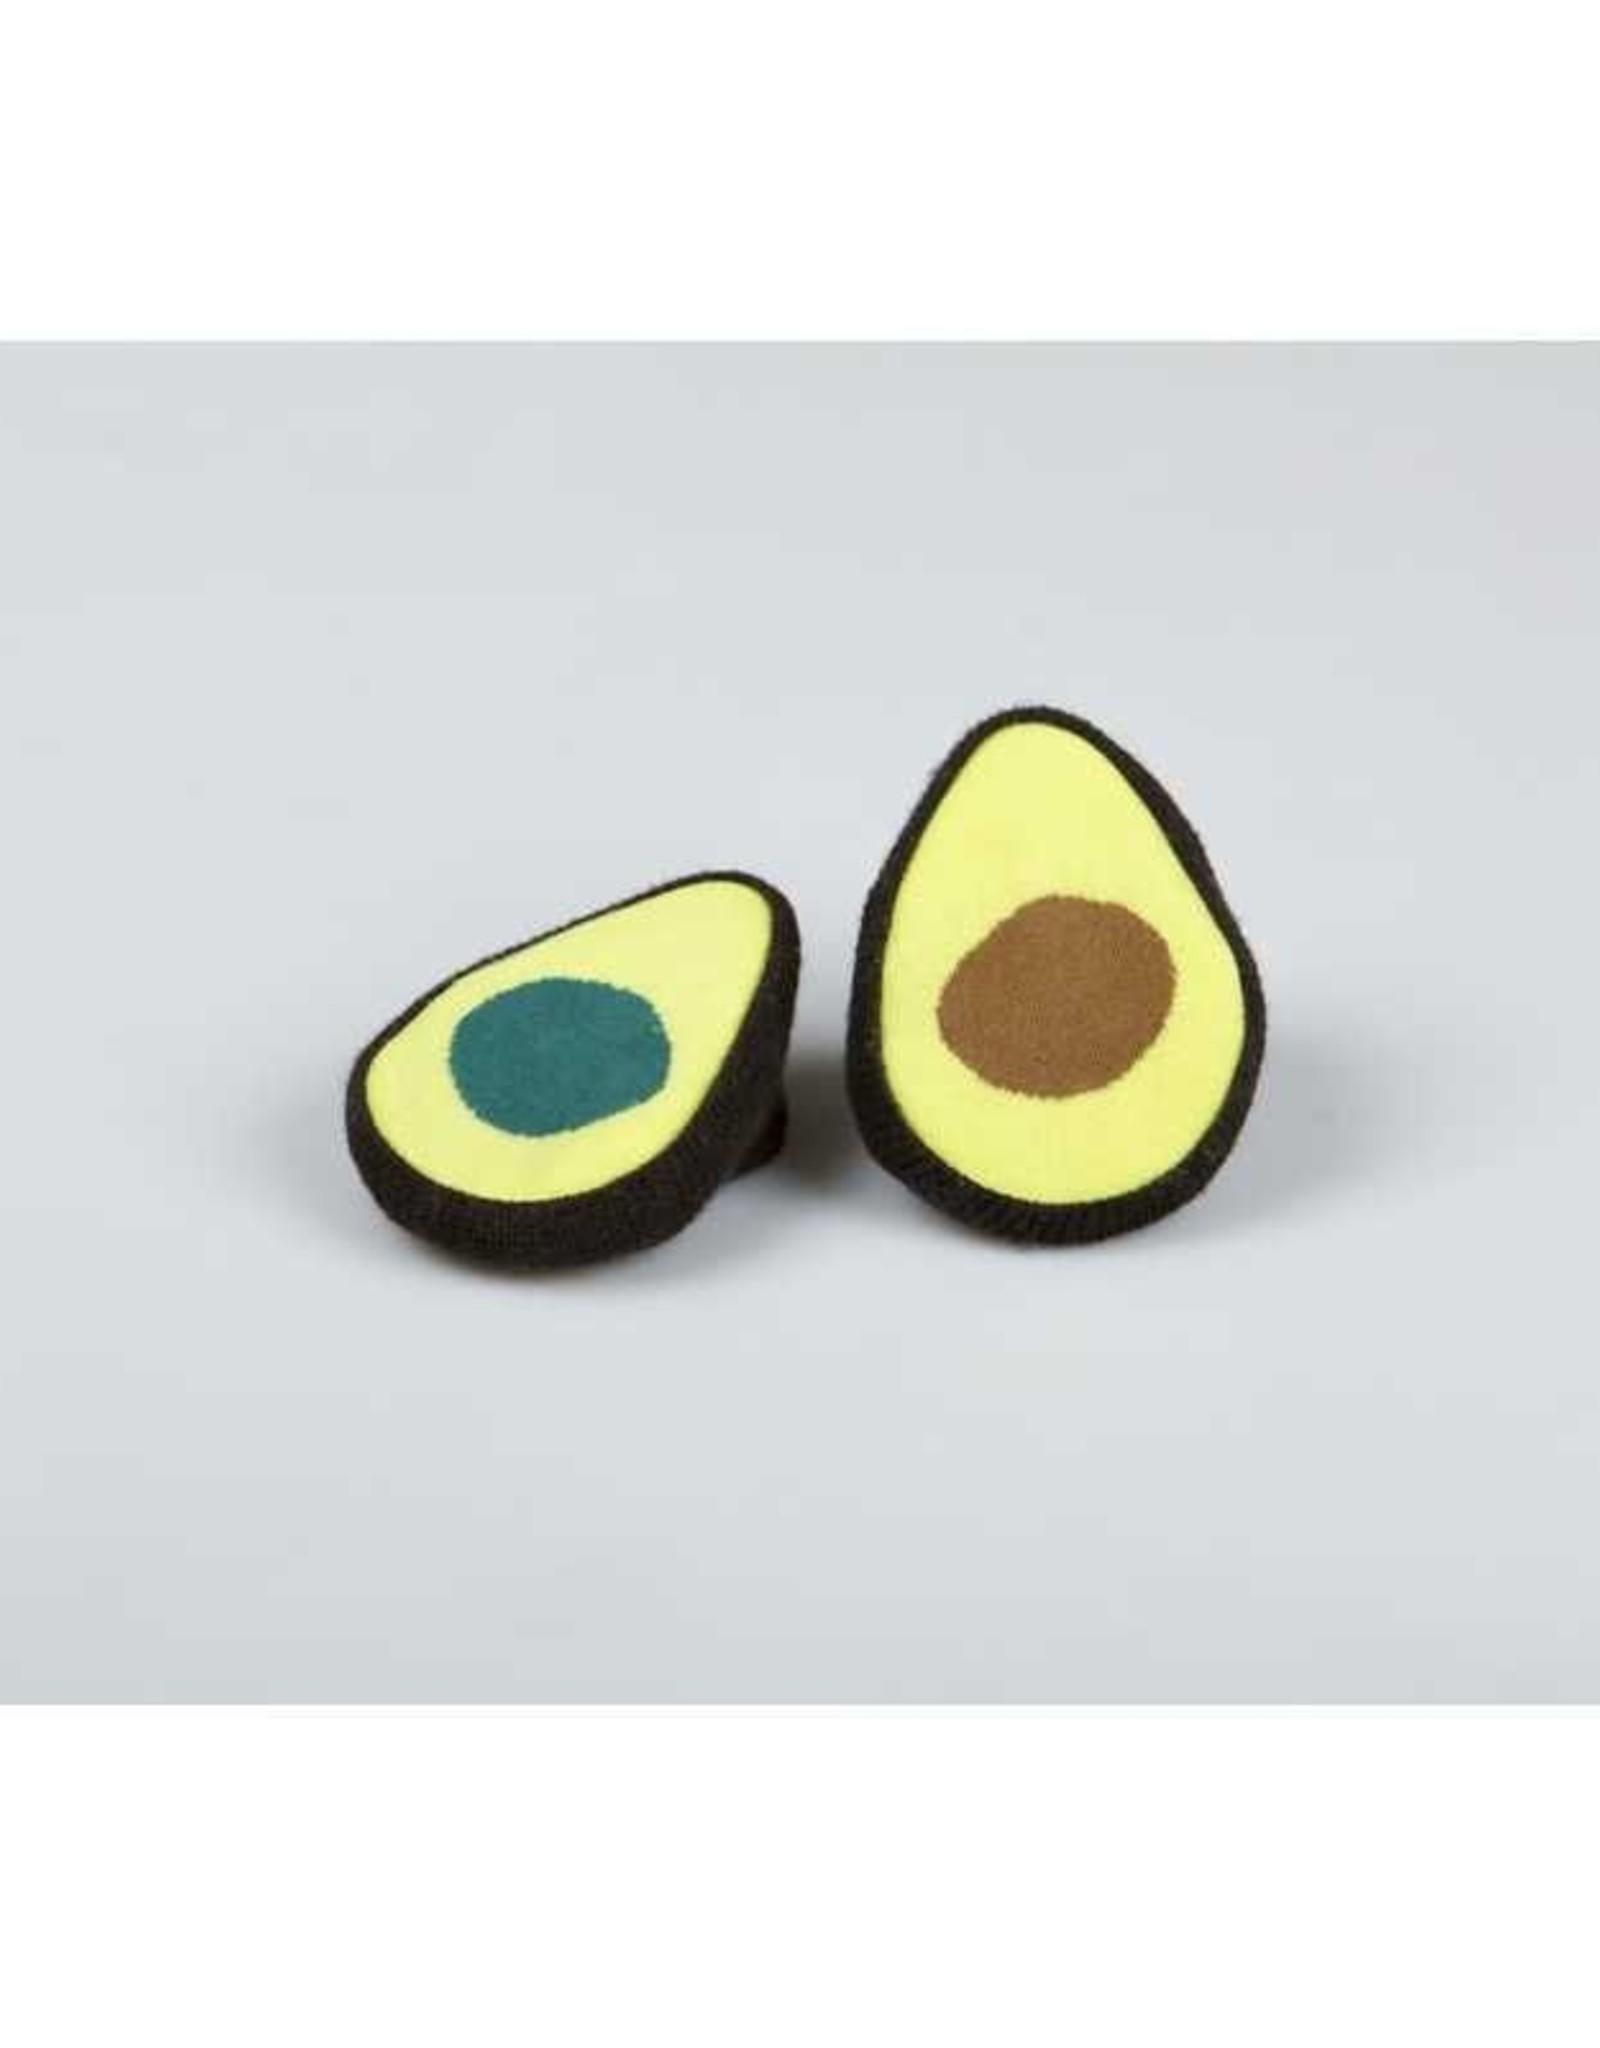 DOIY Doiy-Avocado Socks